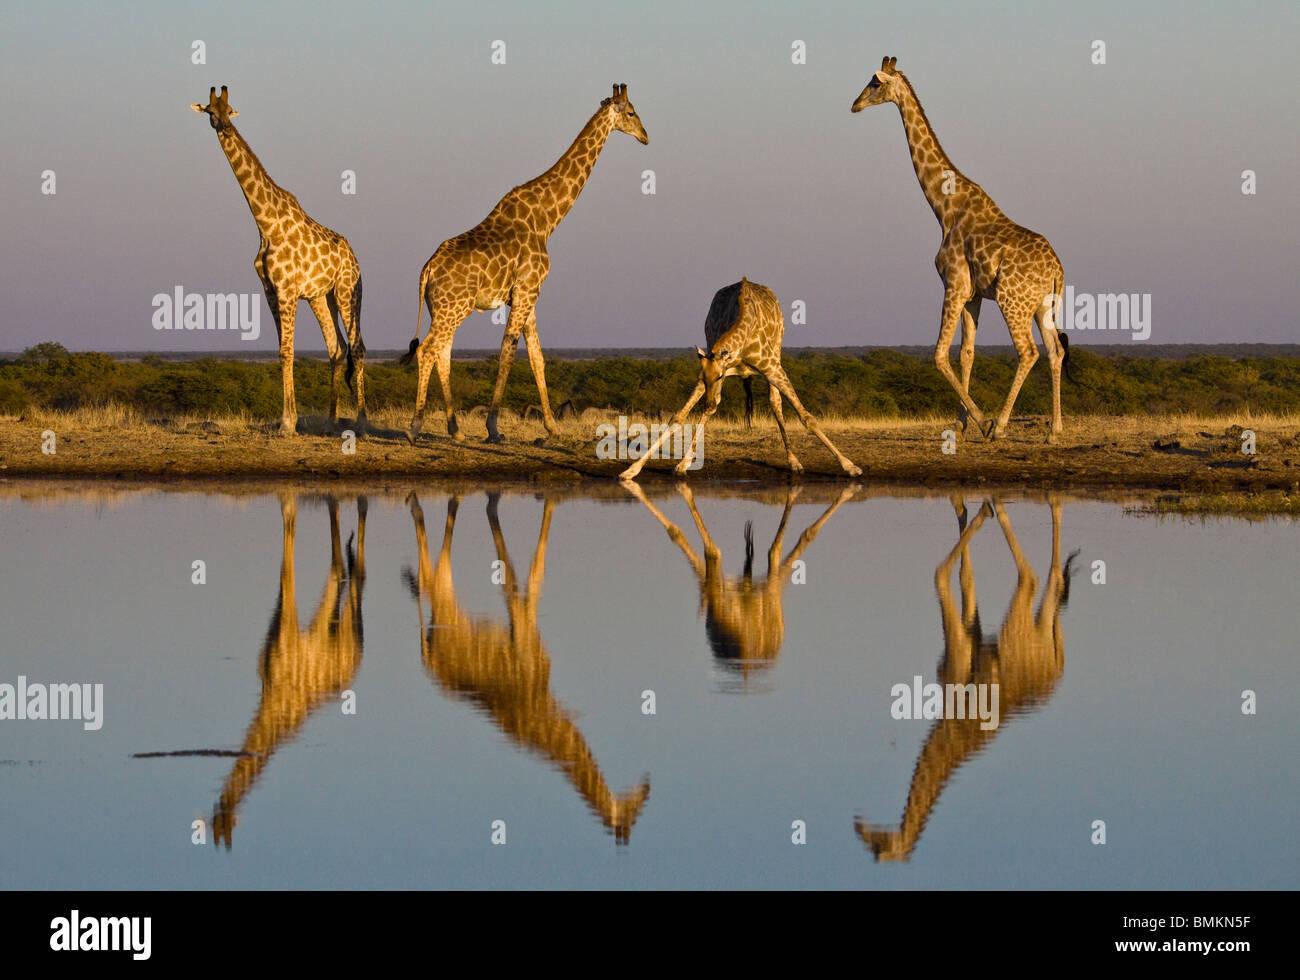 Giraffen am Wasserloch, spiegelt sich im Wasser, Etosha Pan, Namibia Stockbild